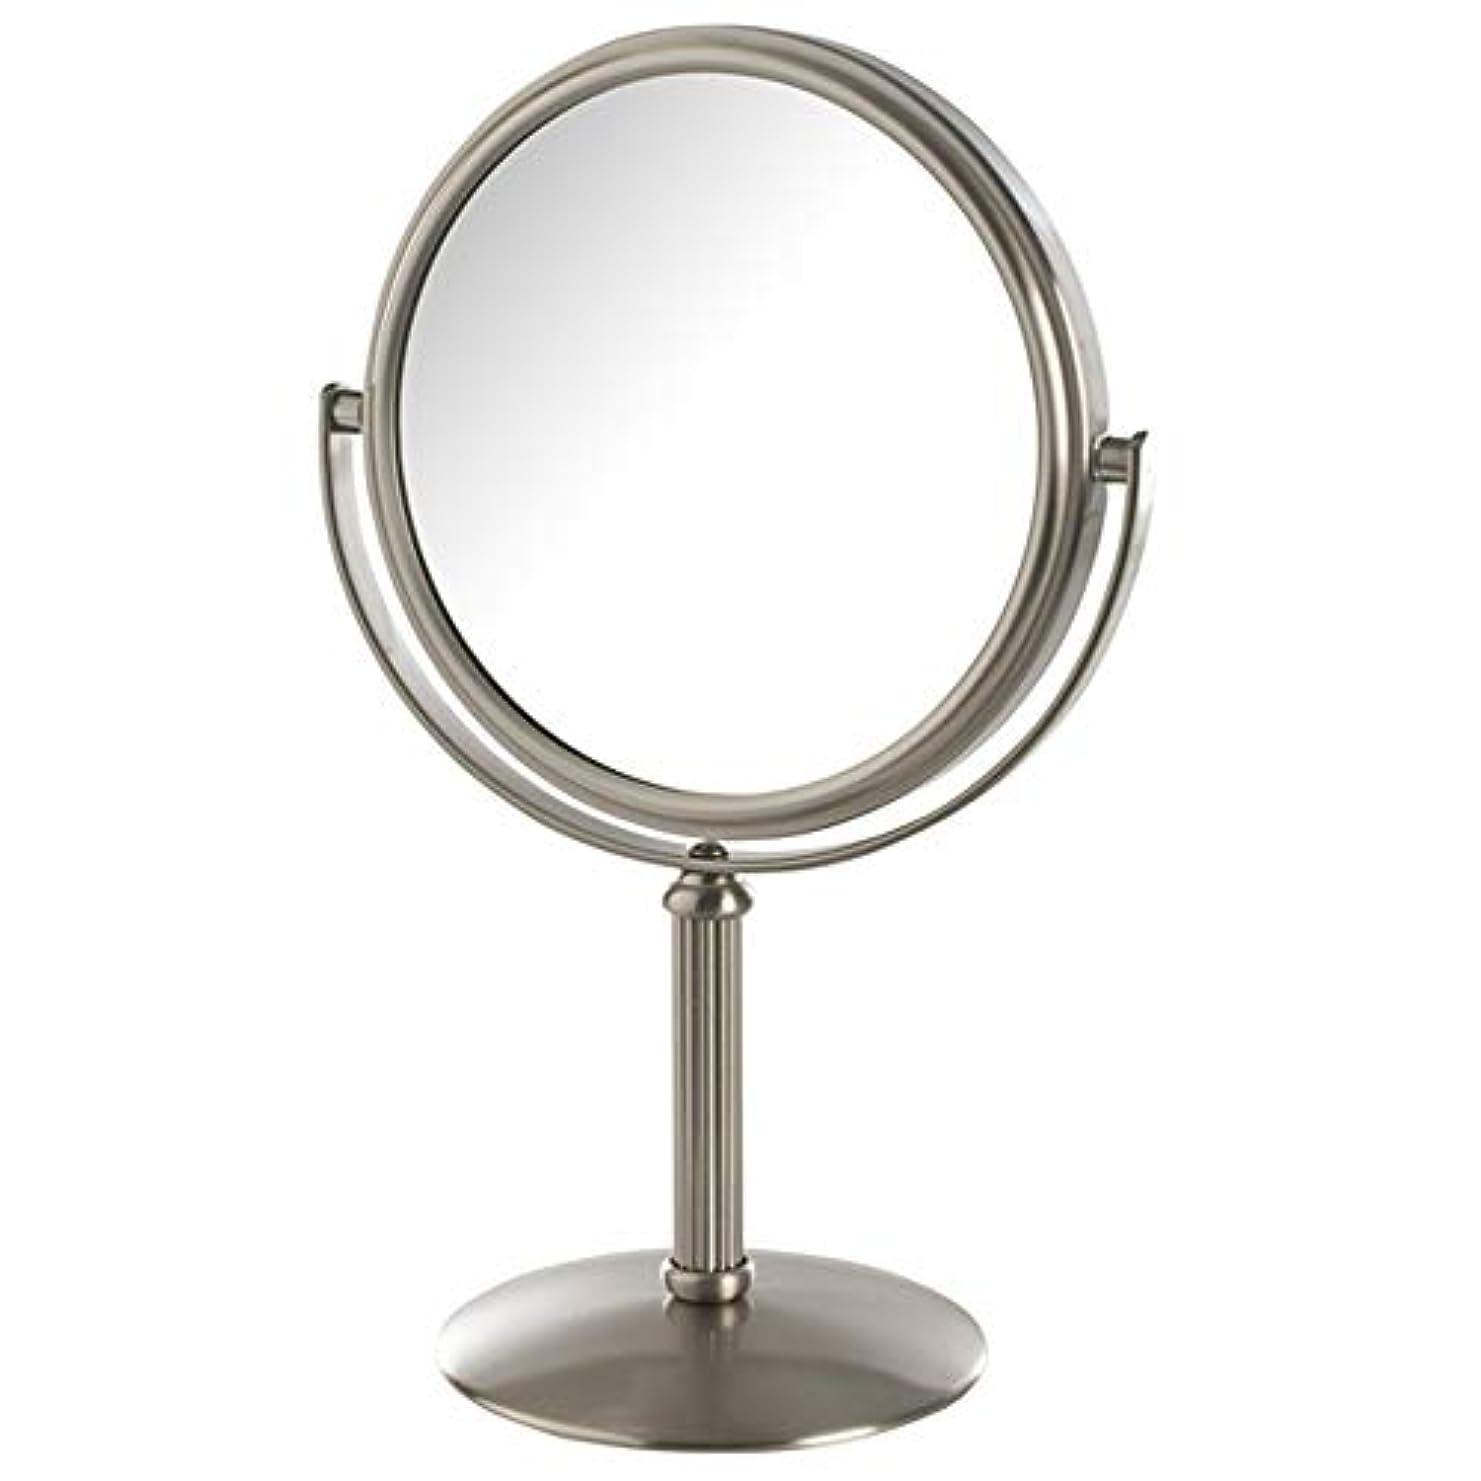 奴隷政権実用的Jerdon(ジェルドン) / MC105N (ニッケル) 拡大鏡 [鏡面 約14cm / 高さ 約25cm] 【5倍率】 卓上型テーブルミラー